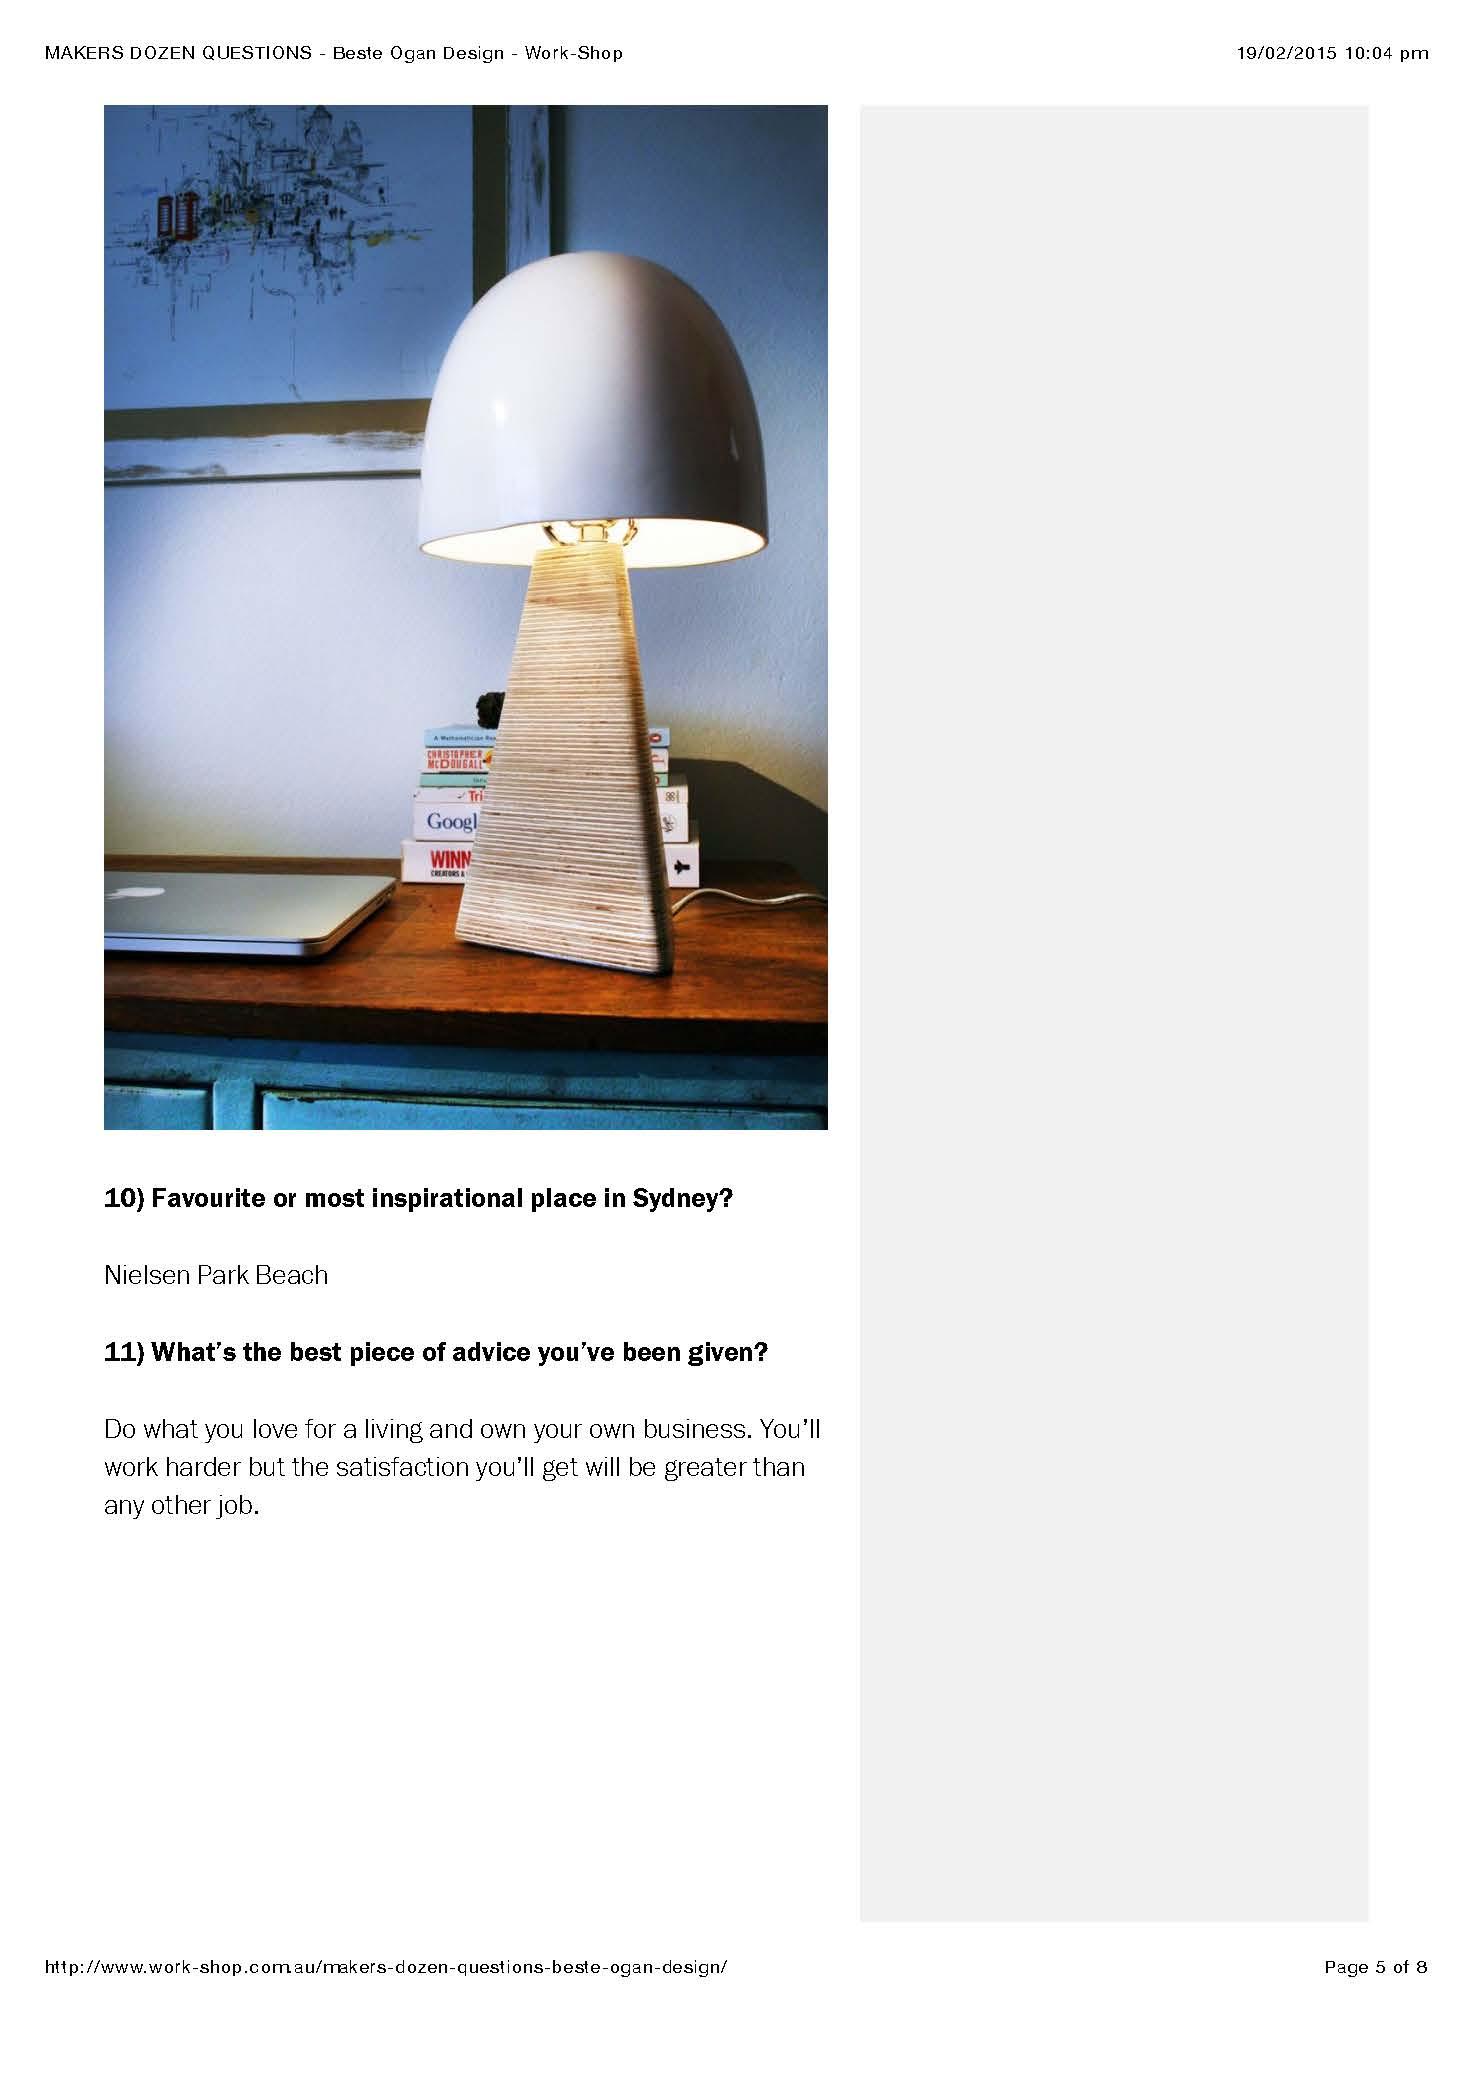 Makers Dozen Questions - Beste Ogan Design 5.jpg